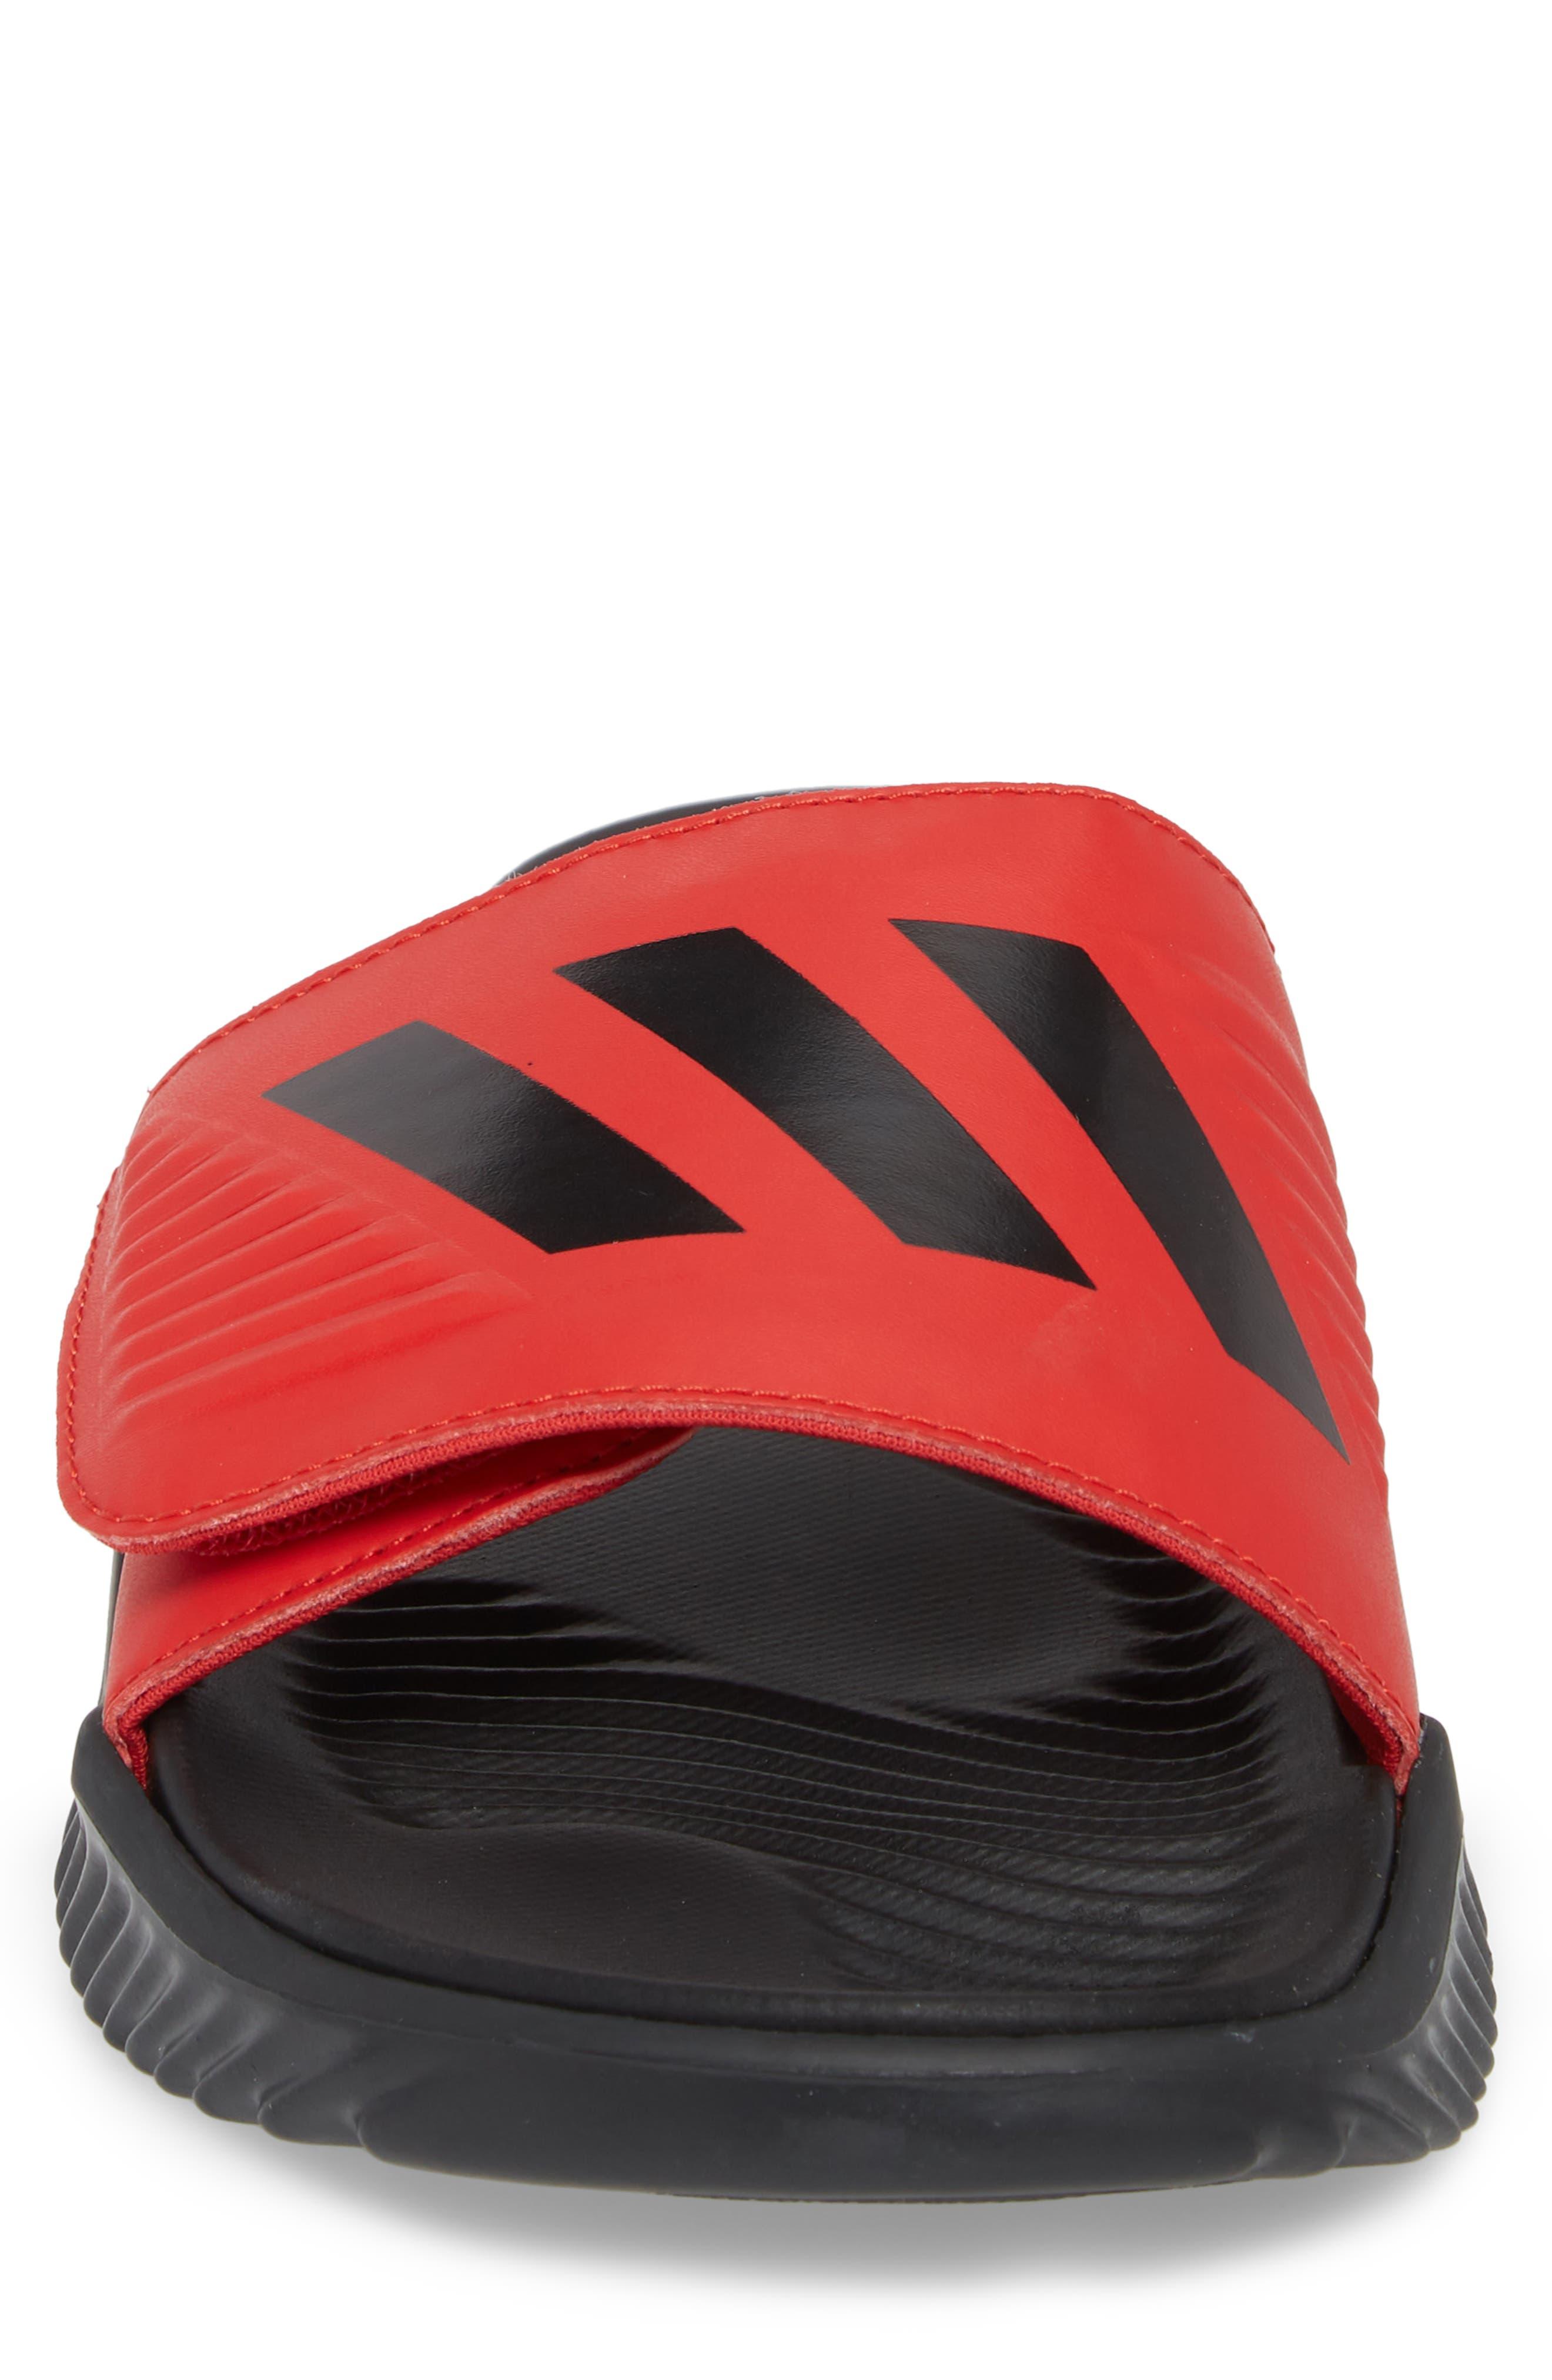 AlphaBounce Slide Sandal,                             Alternate thumbnail 4, color,                             Scarlet/ Black